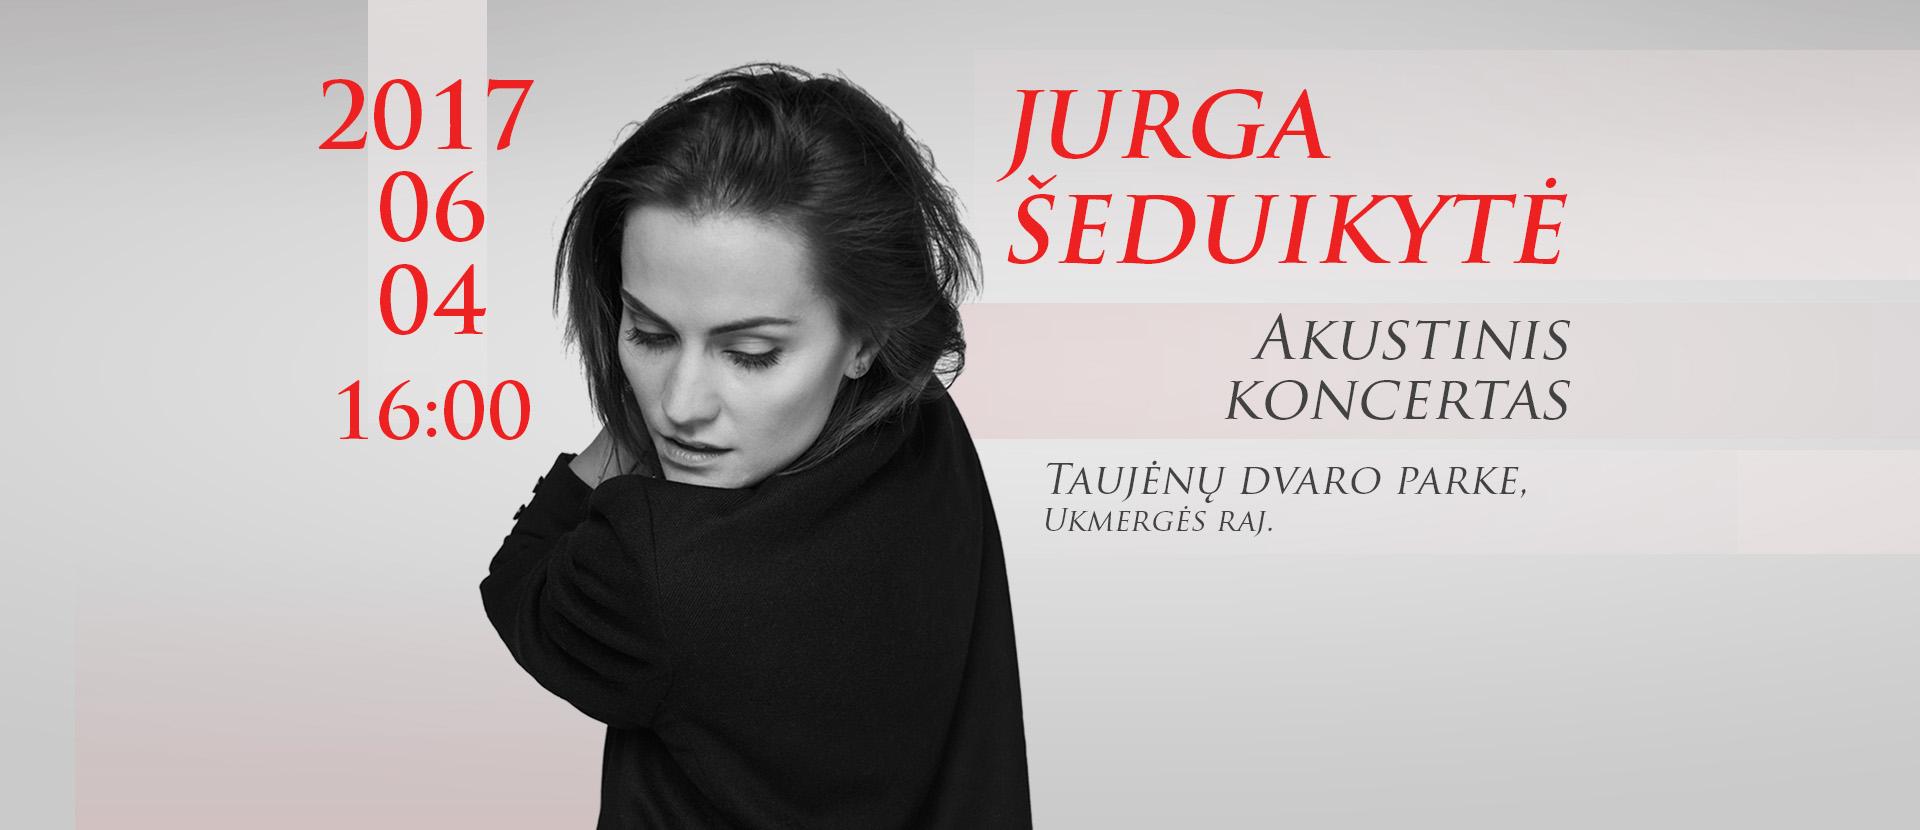 Jurga Šeduikytė. Akustinis koncertas | Taujėnų dvaras